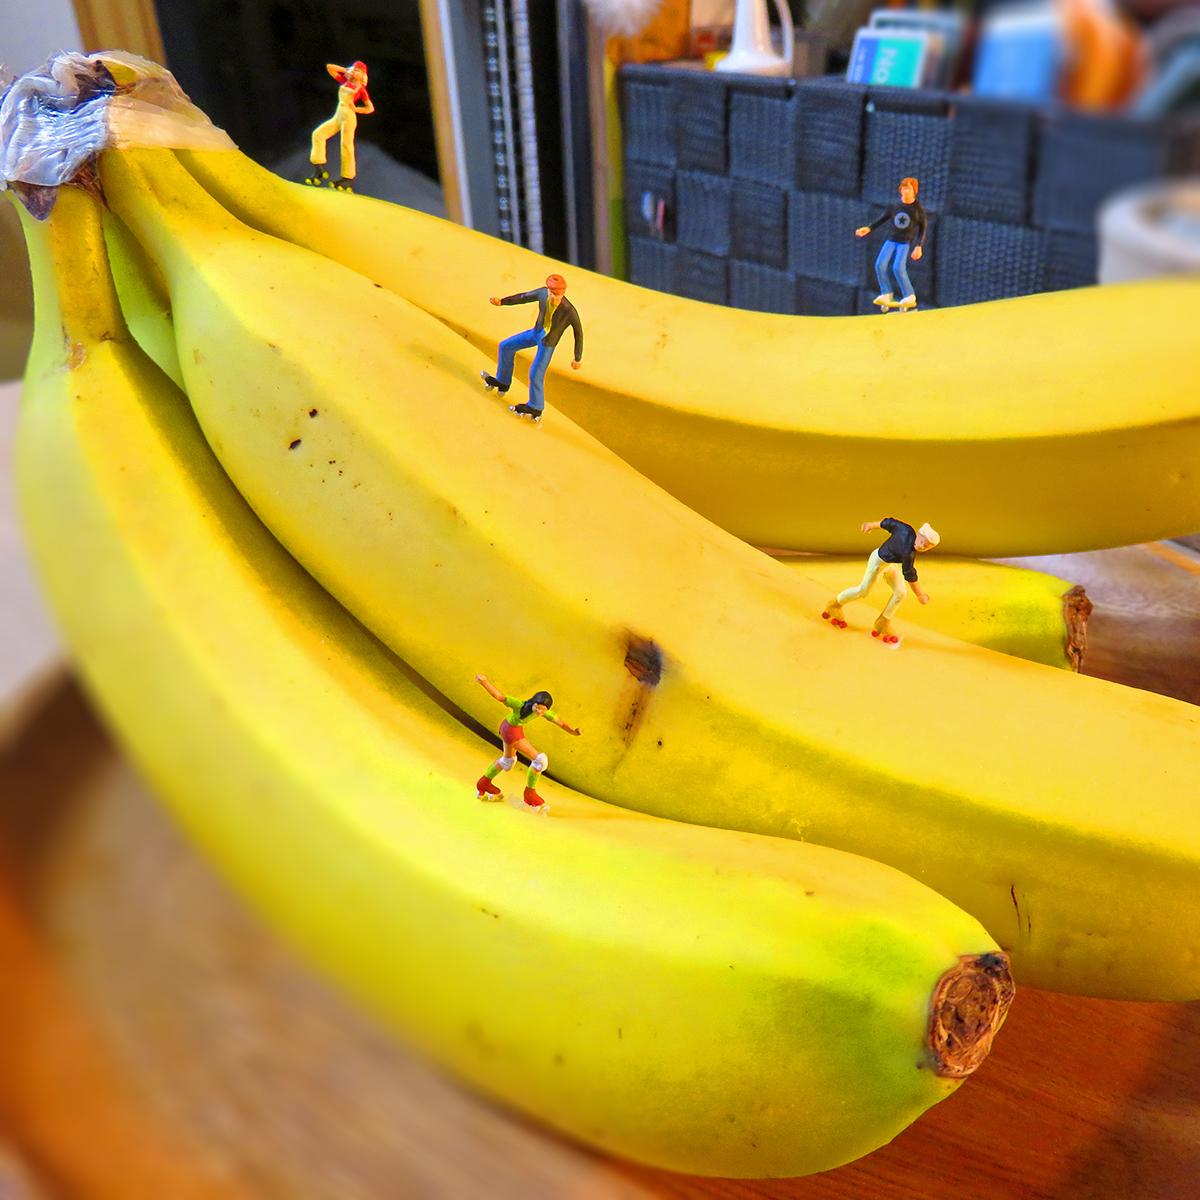 バナナでスケボーとローラースケートして遊ぶ男女たち